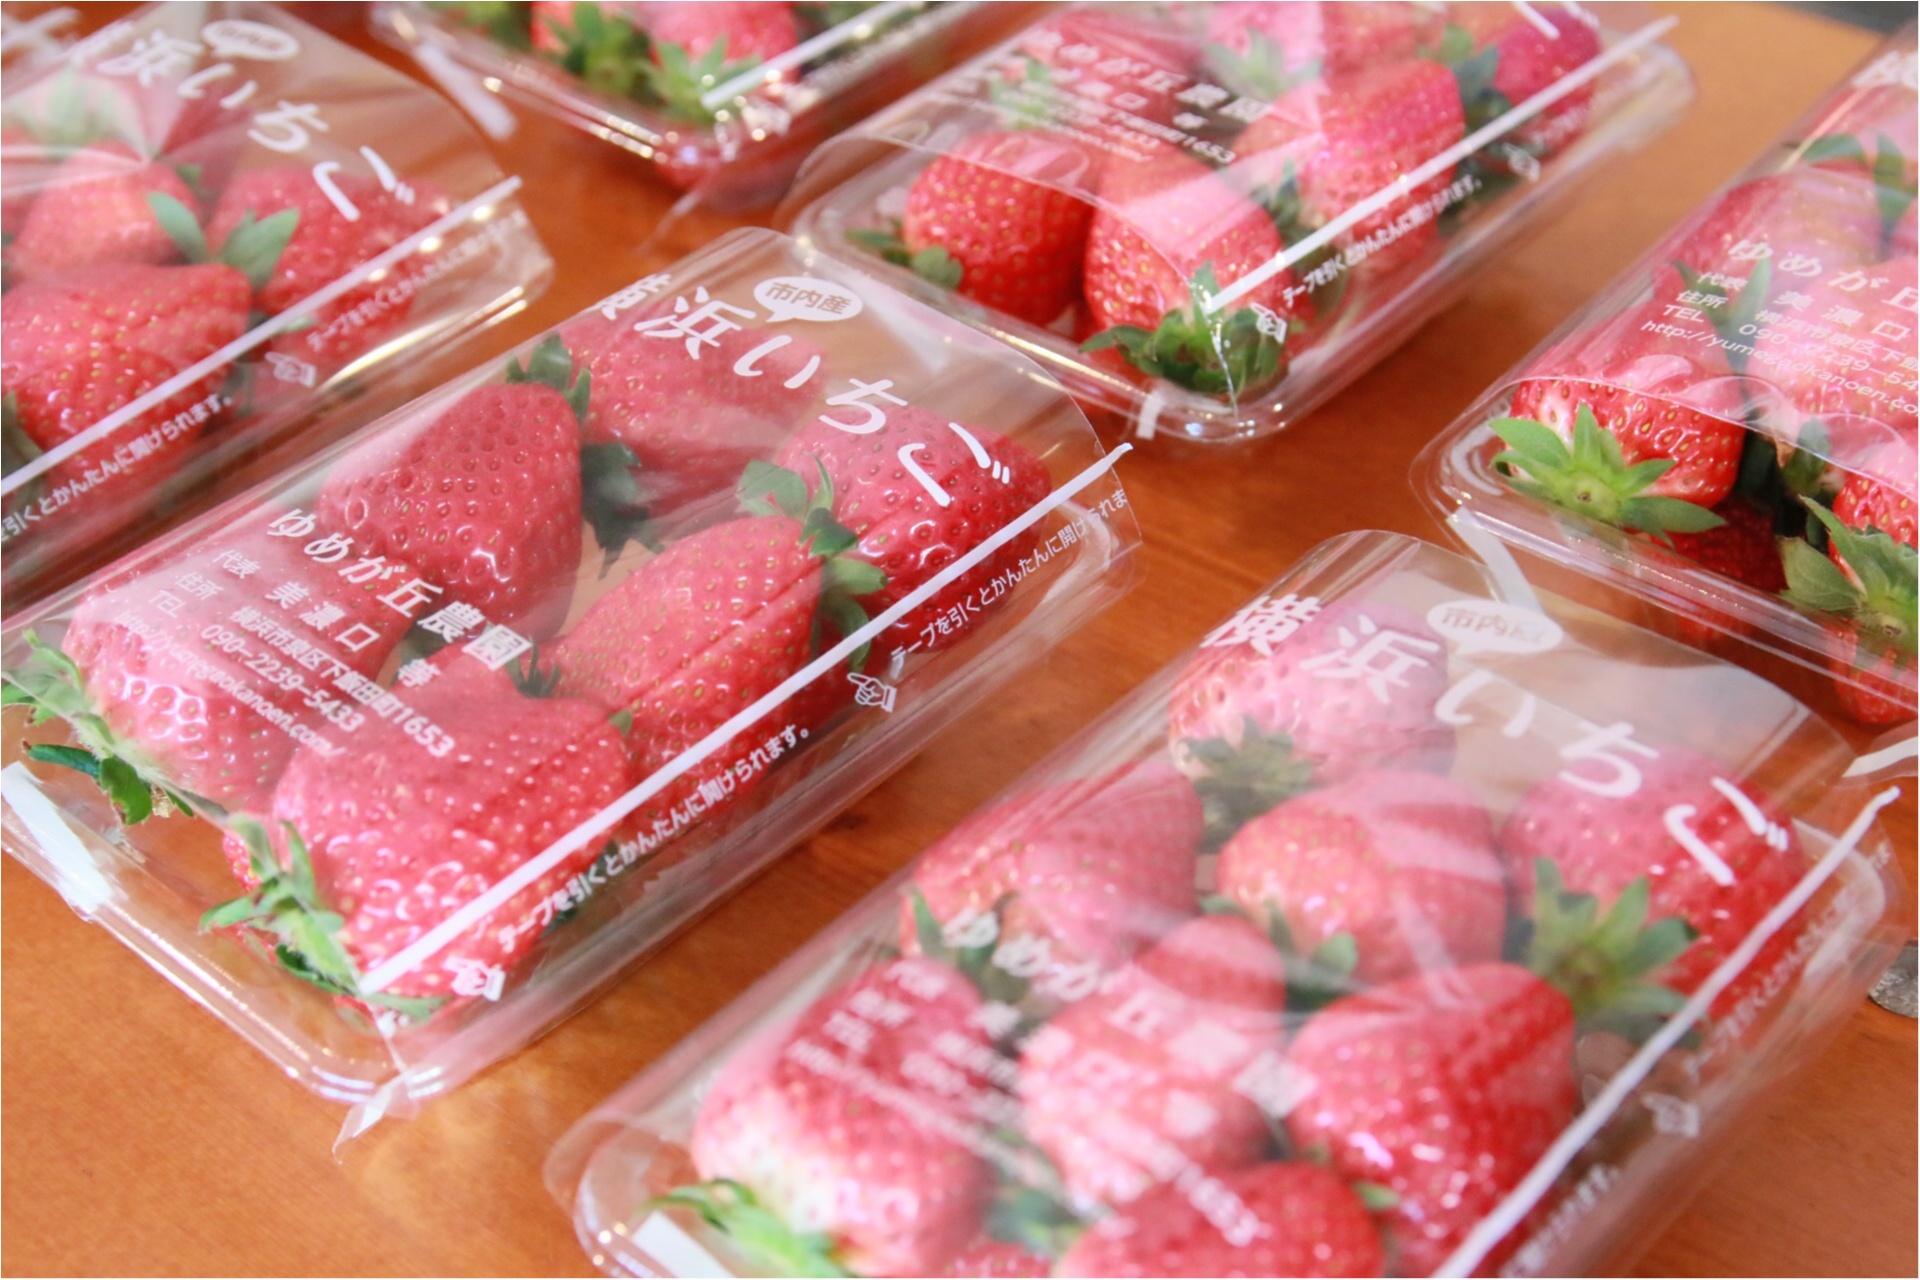 15(いちご)周年の『横浜赤レンガ倉庫』がいちご色に染まる11日間♡ 【2/2(金)から『Yokohama Strawberry Festival 2018』開催!】_1_5